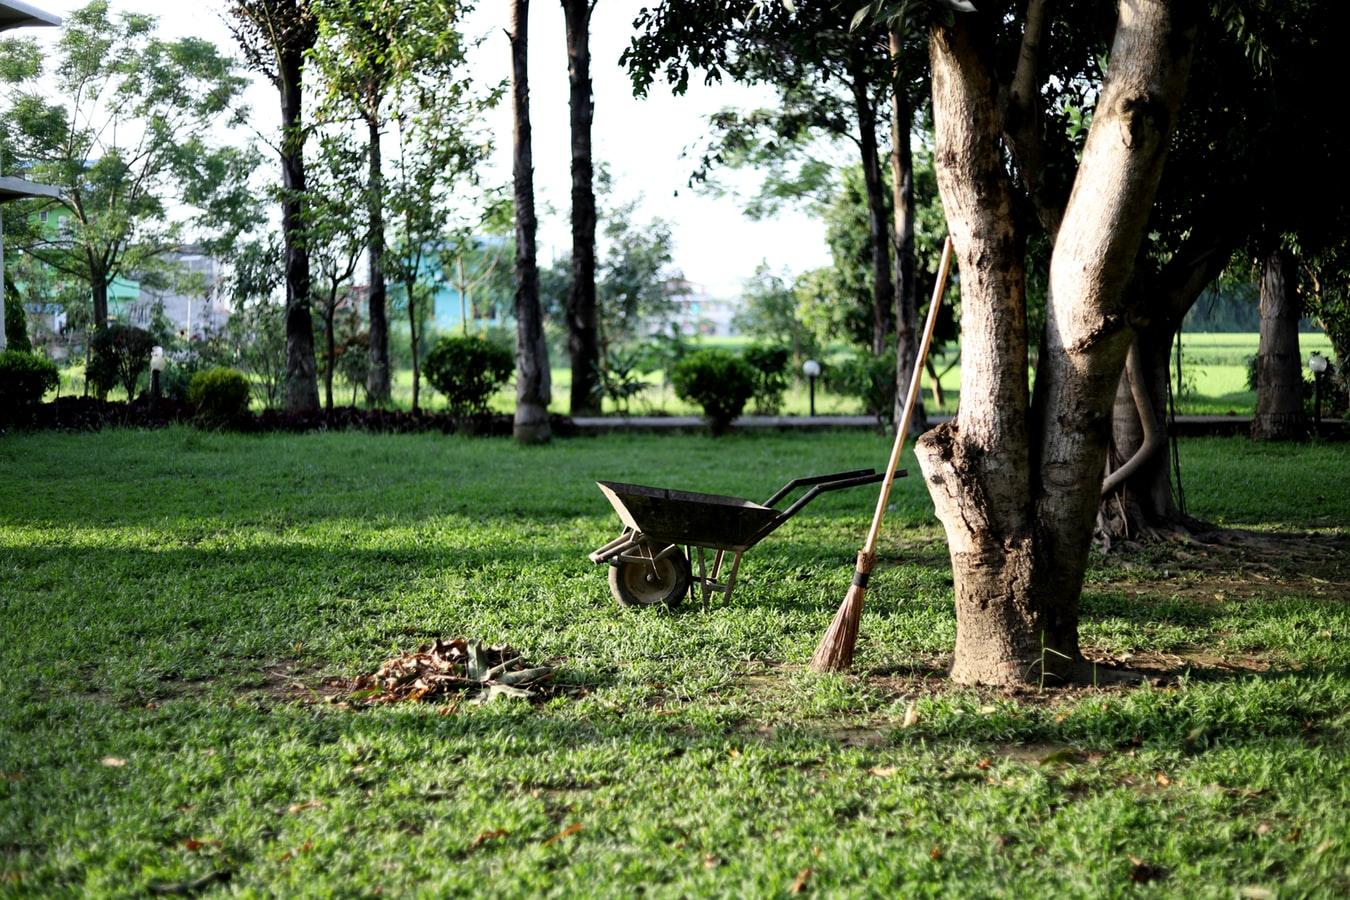 zakladanie-pielegnacja-ogrodu